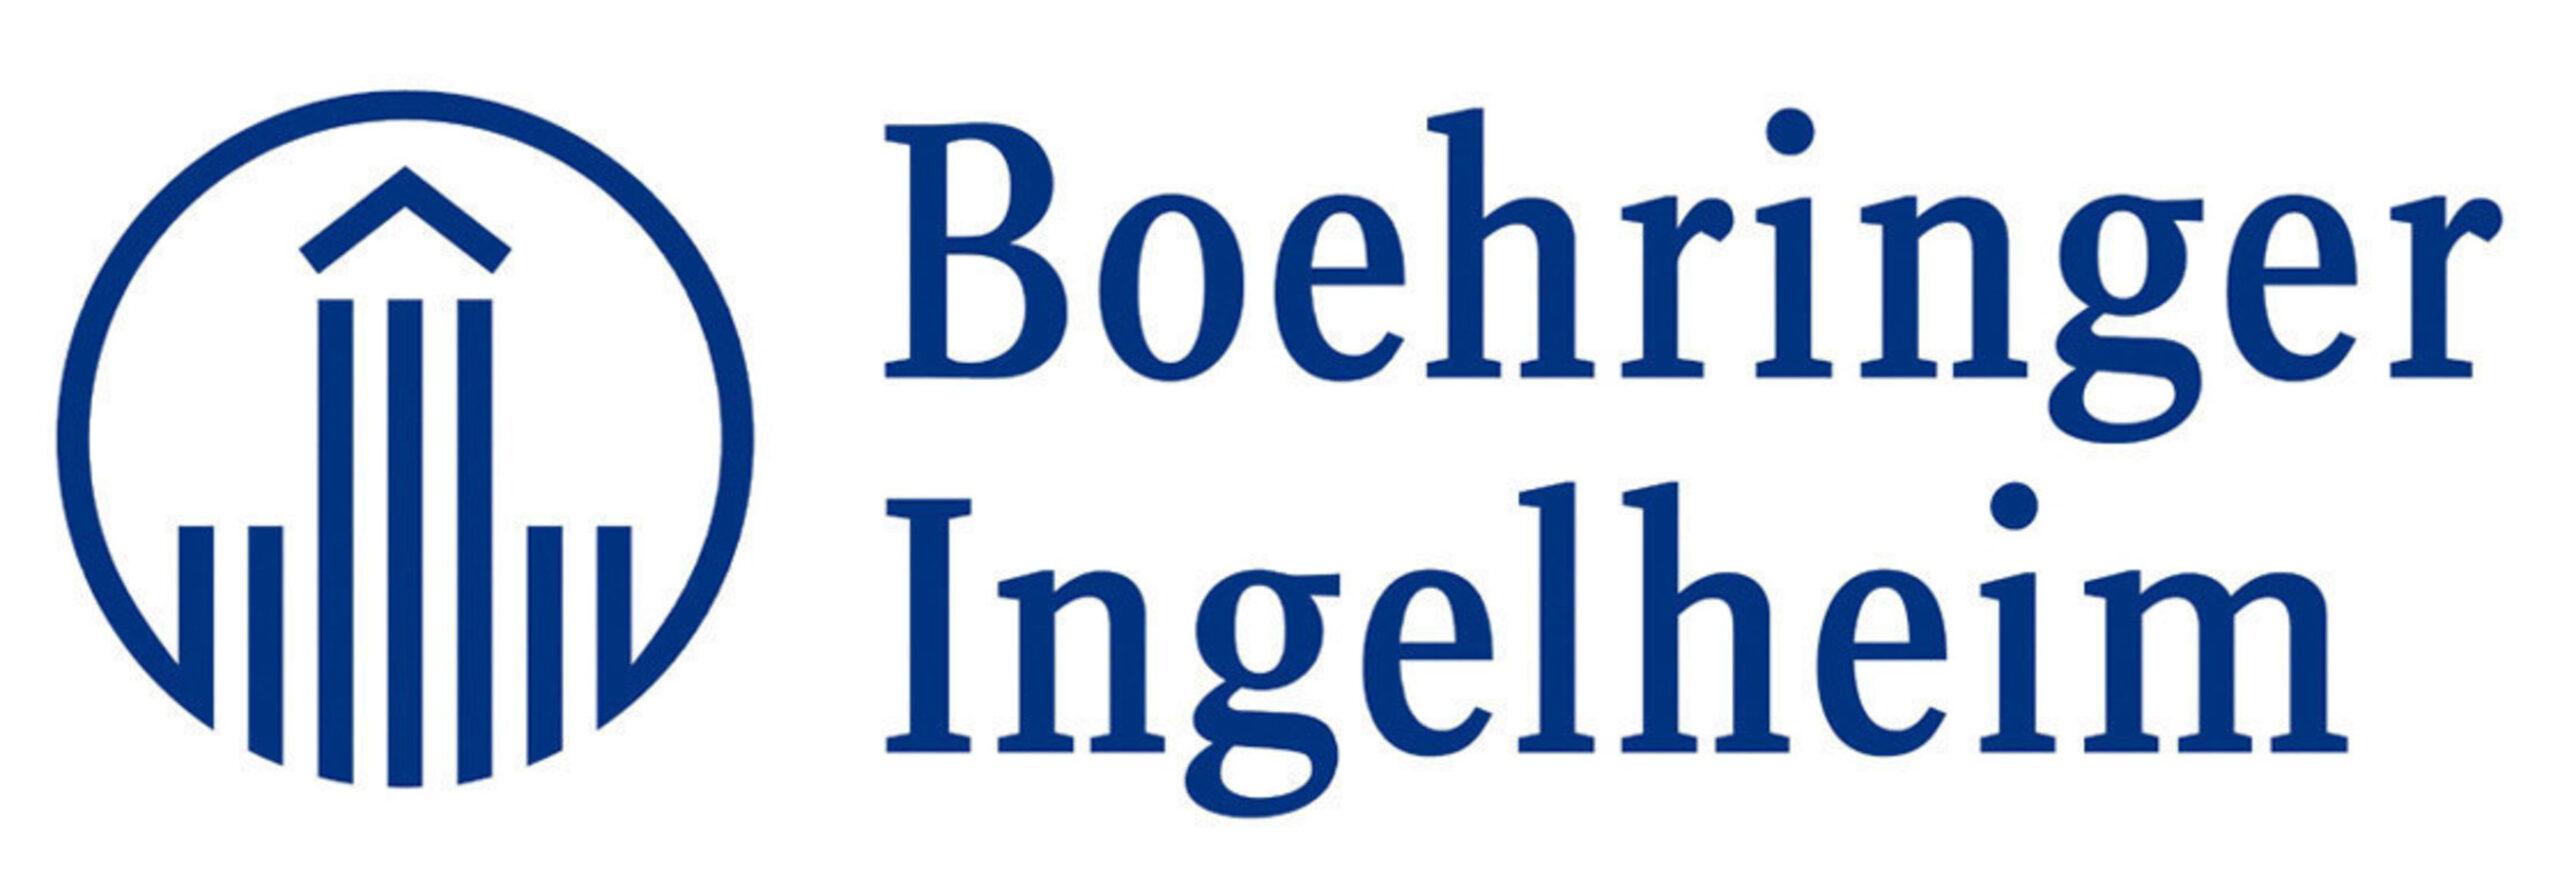 Boehringer Ingelheim (PRNewsFoto/Boehringer Ingelheim...)